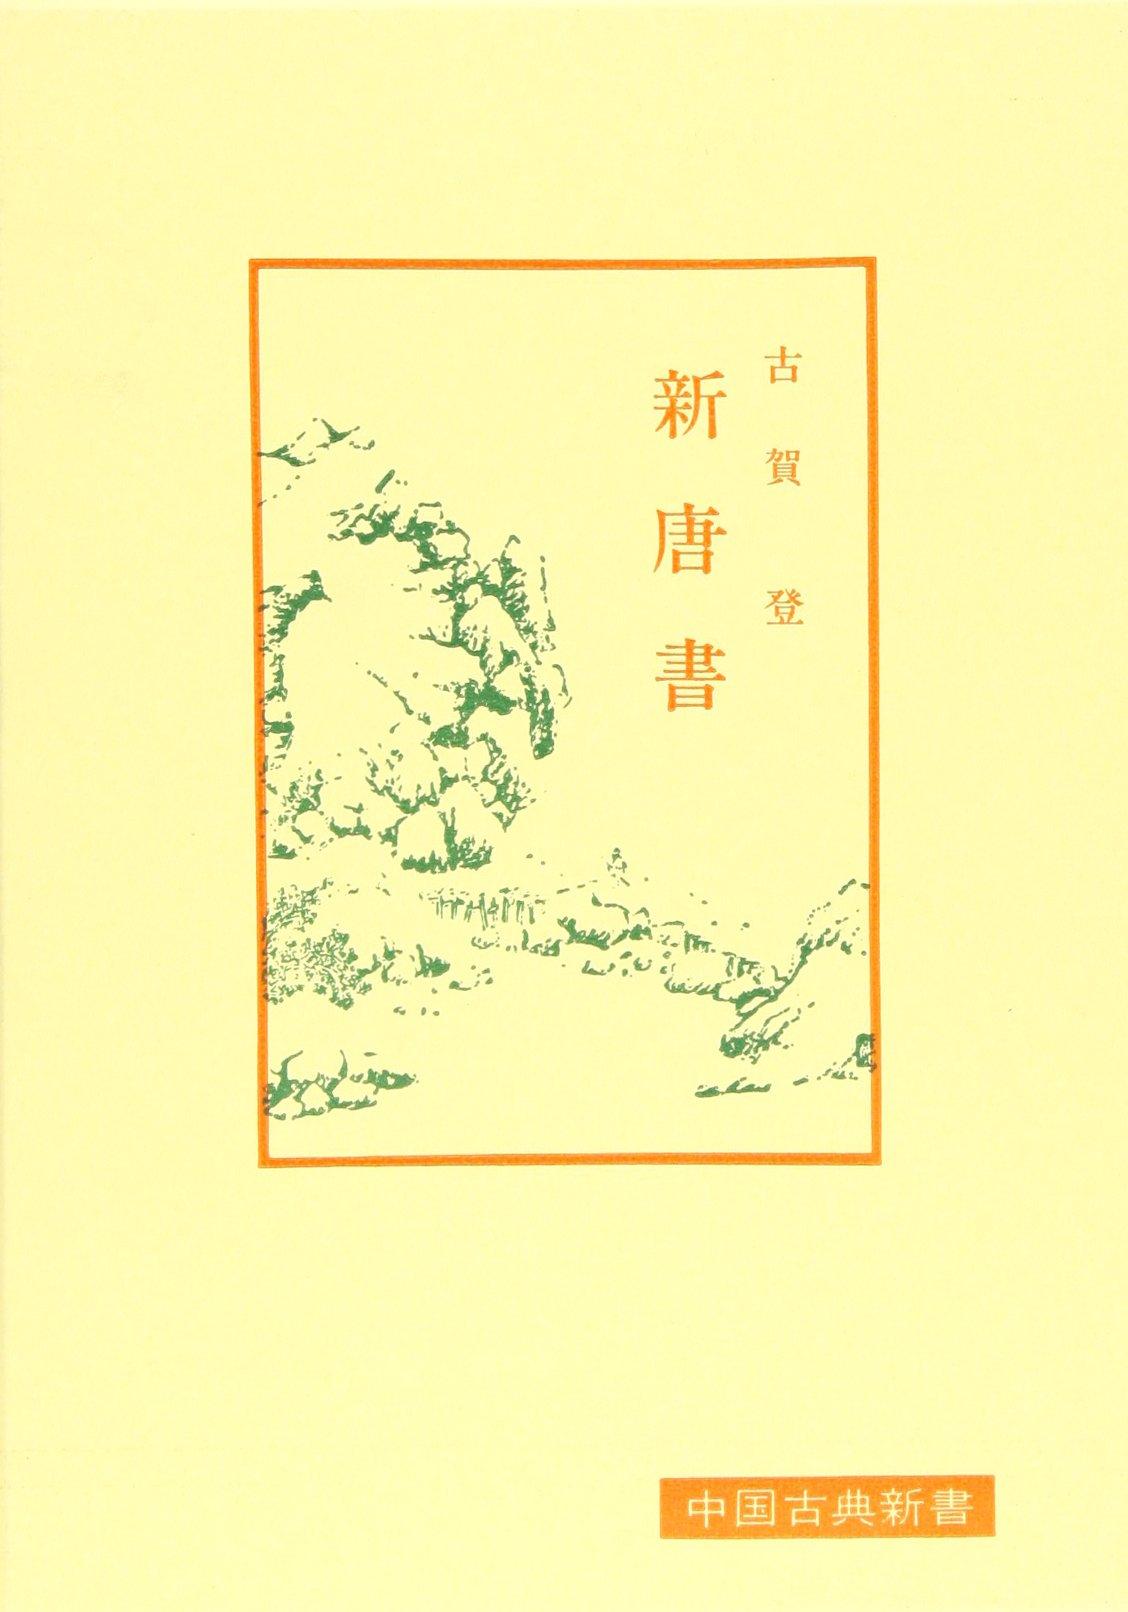 新唐書 (中国古典新書) | 古賀 ...